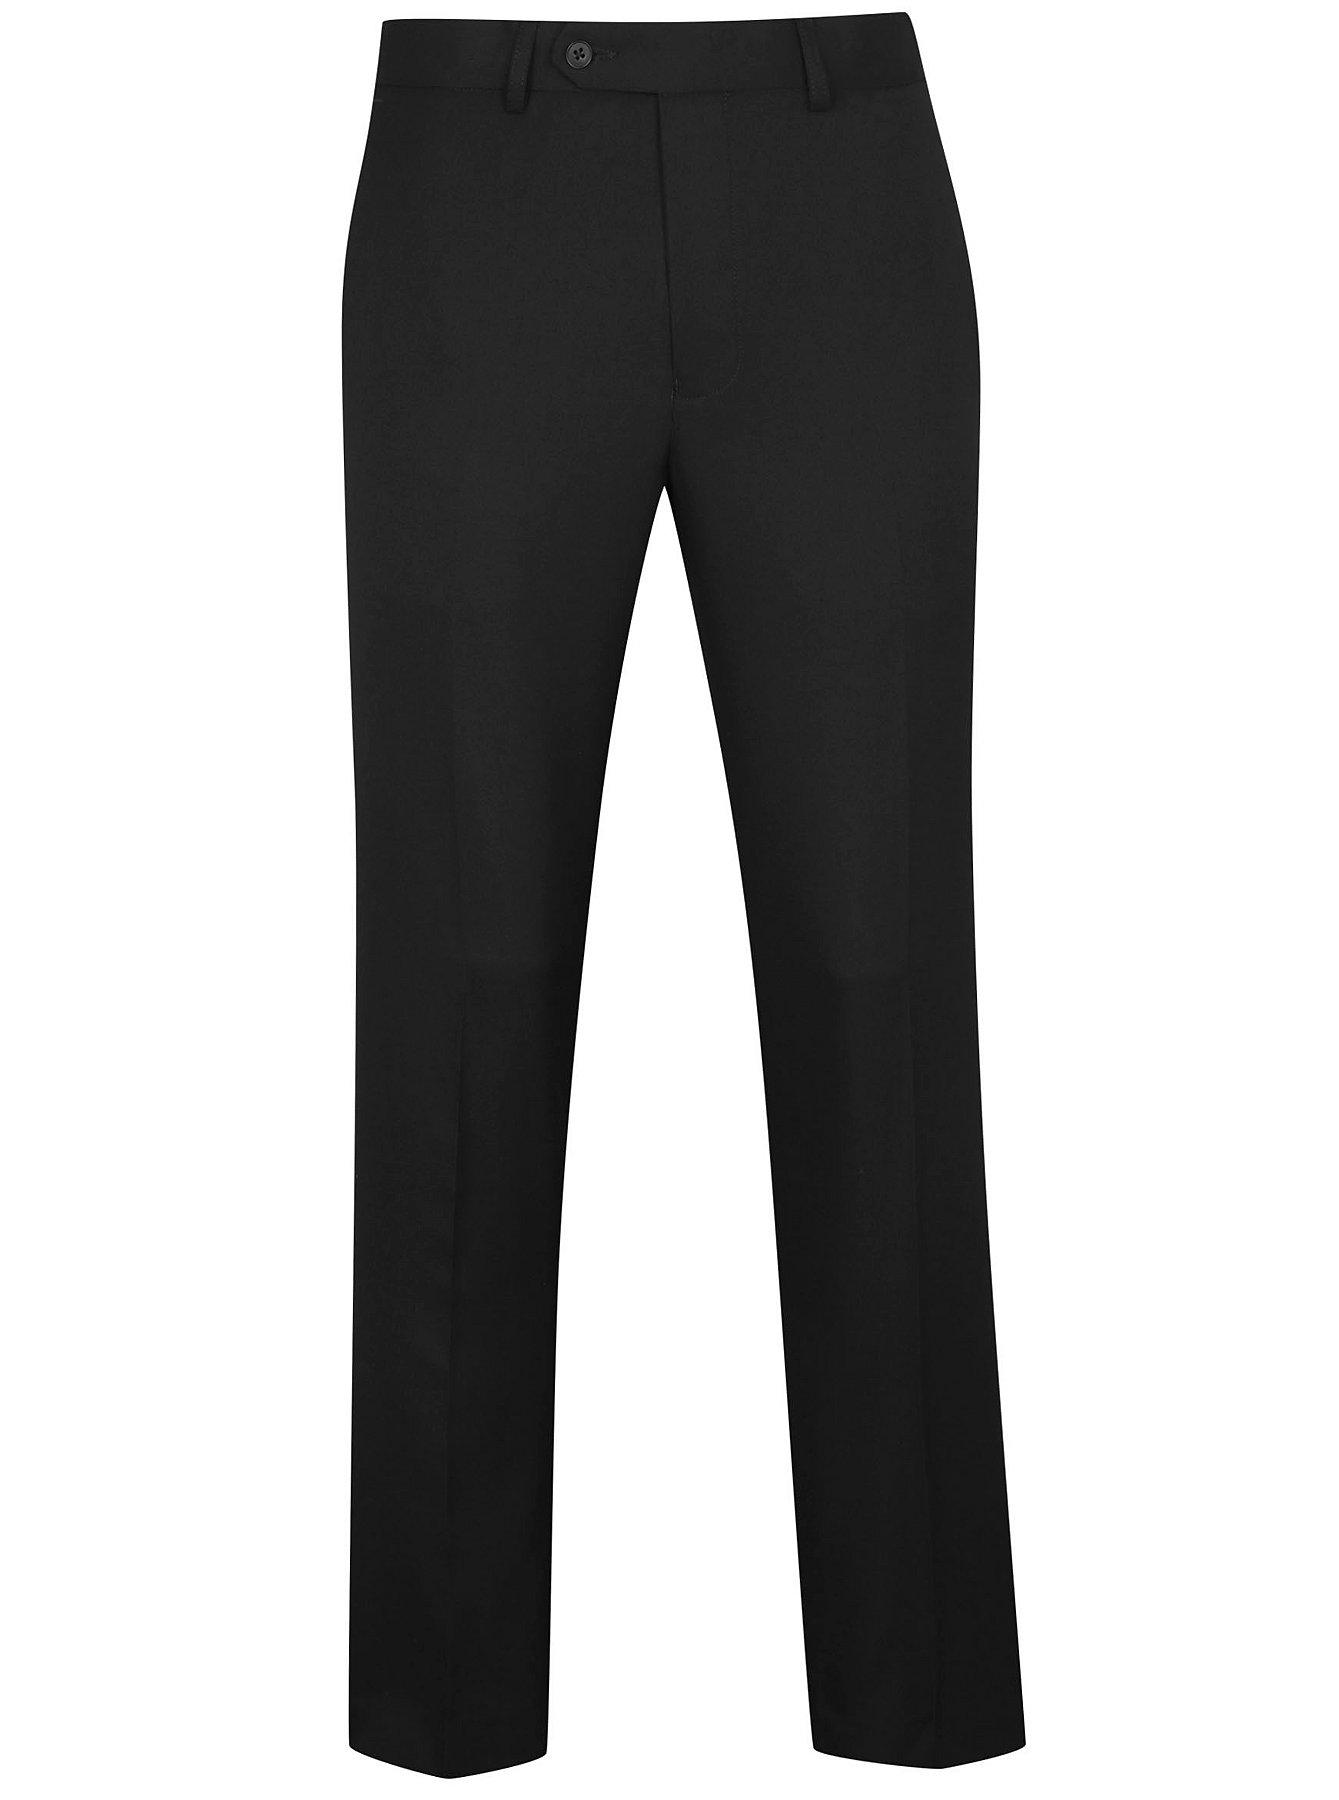 Liquidación 2018 Nuevo Pantalón Ajustado A La Medida - Departamento De Negro 5 Descuento precio mayorista pj46Re